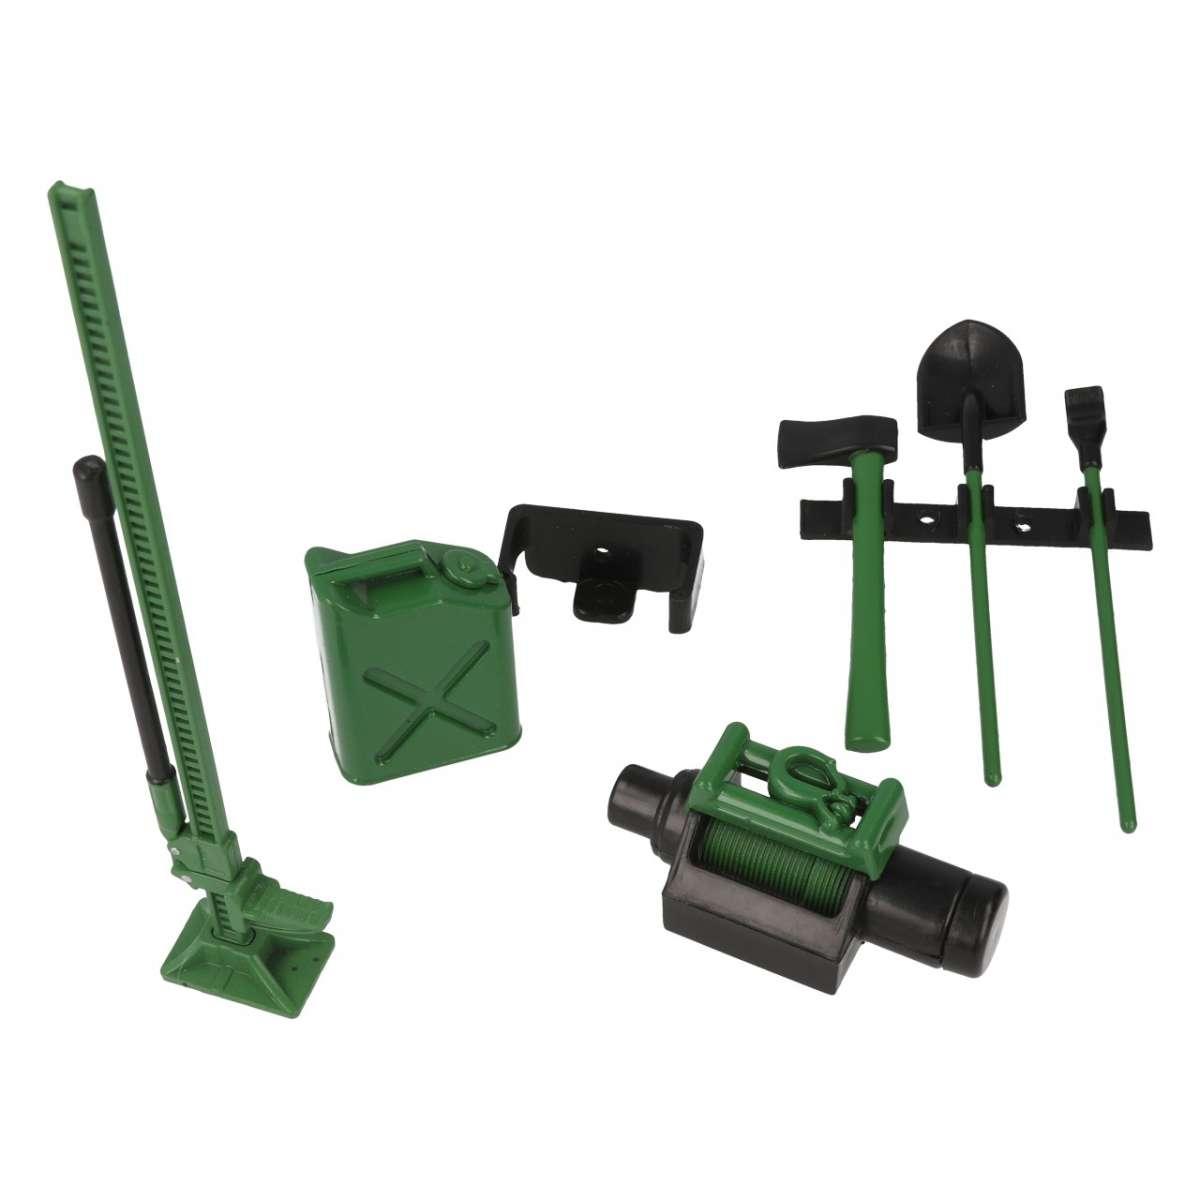 Tool kit with holder Decor Green  - R21010V